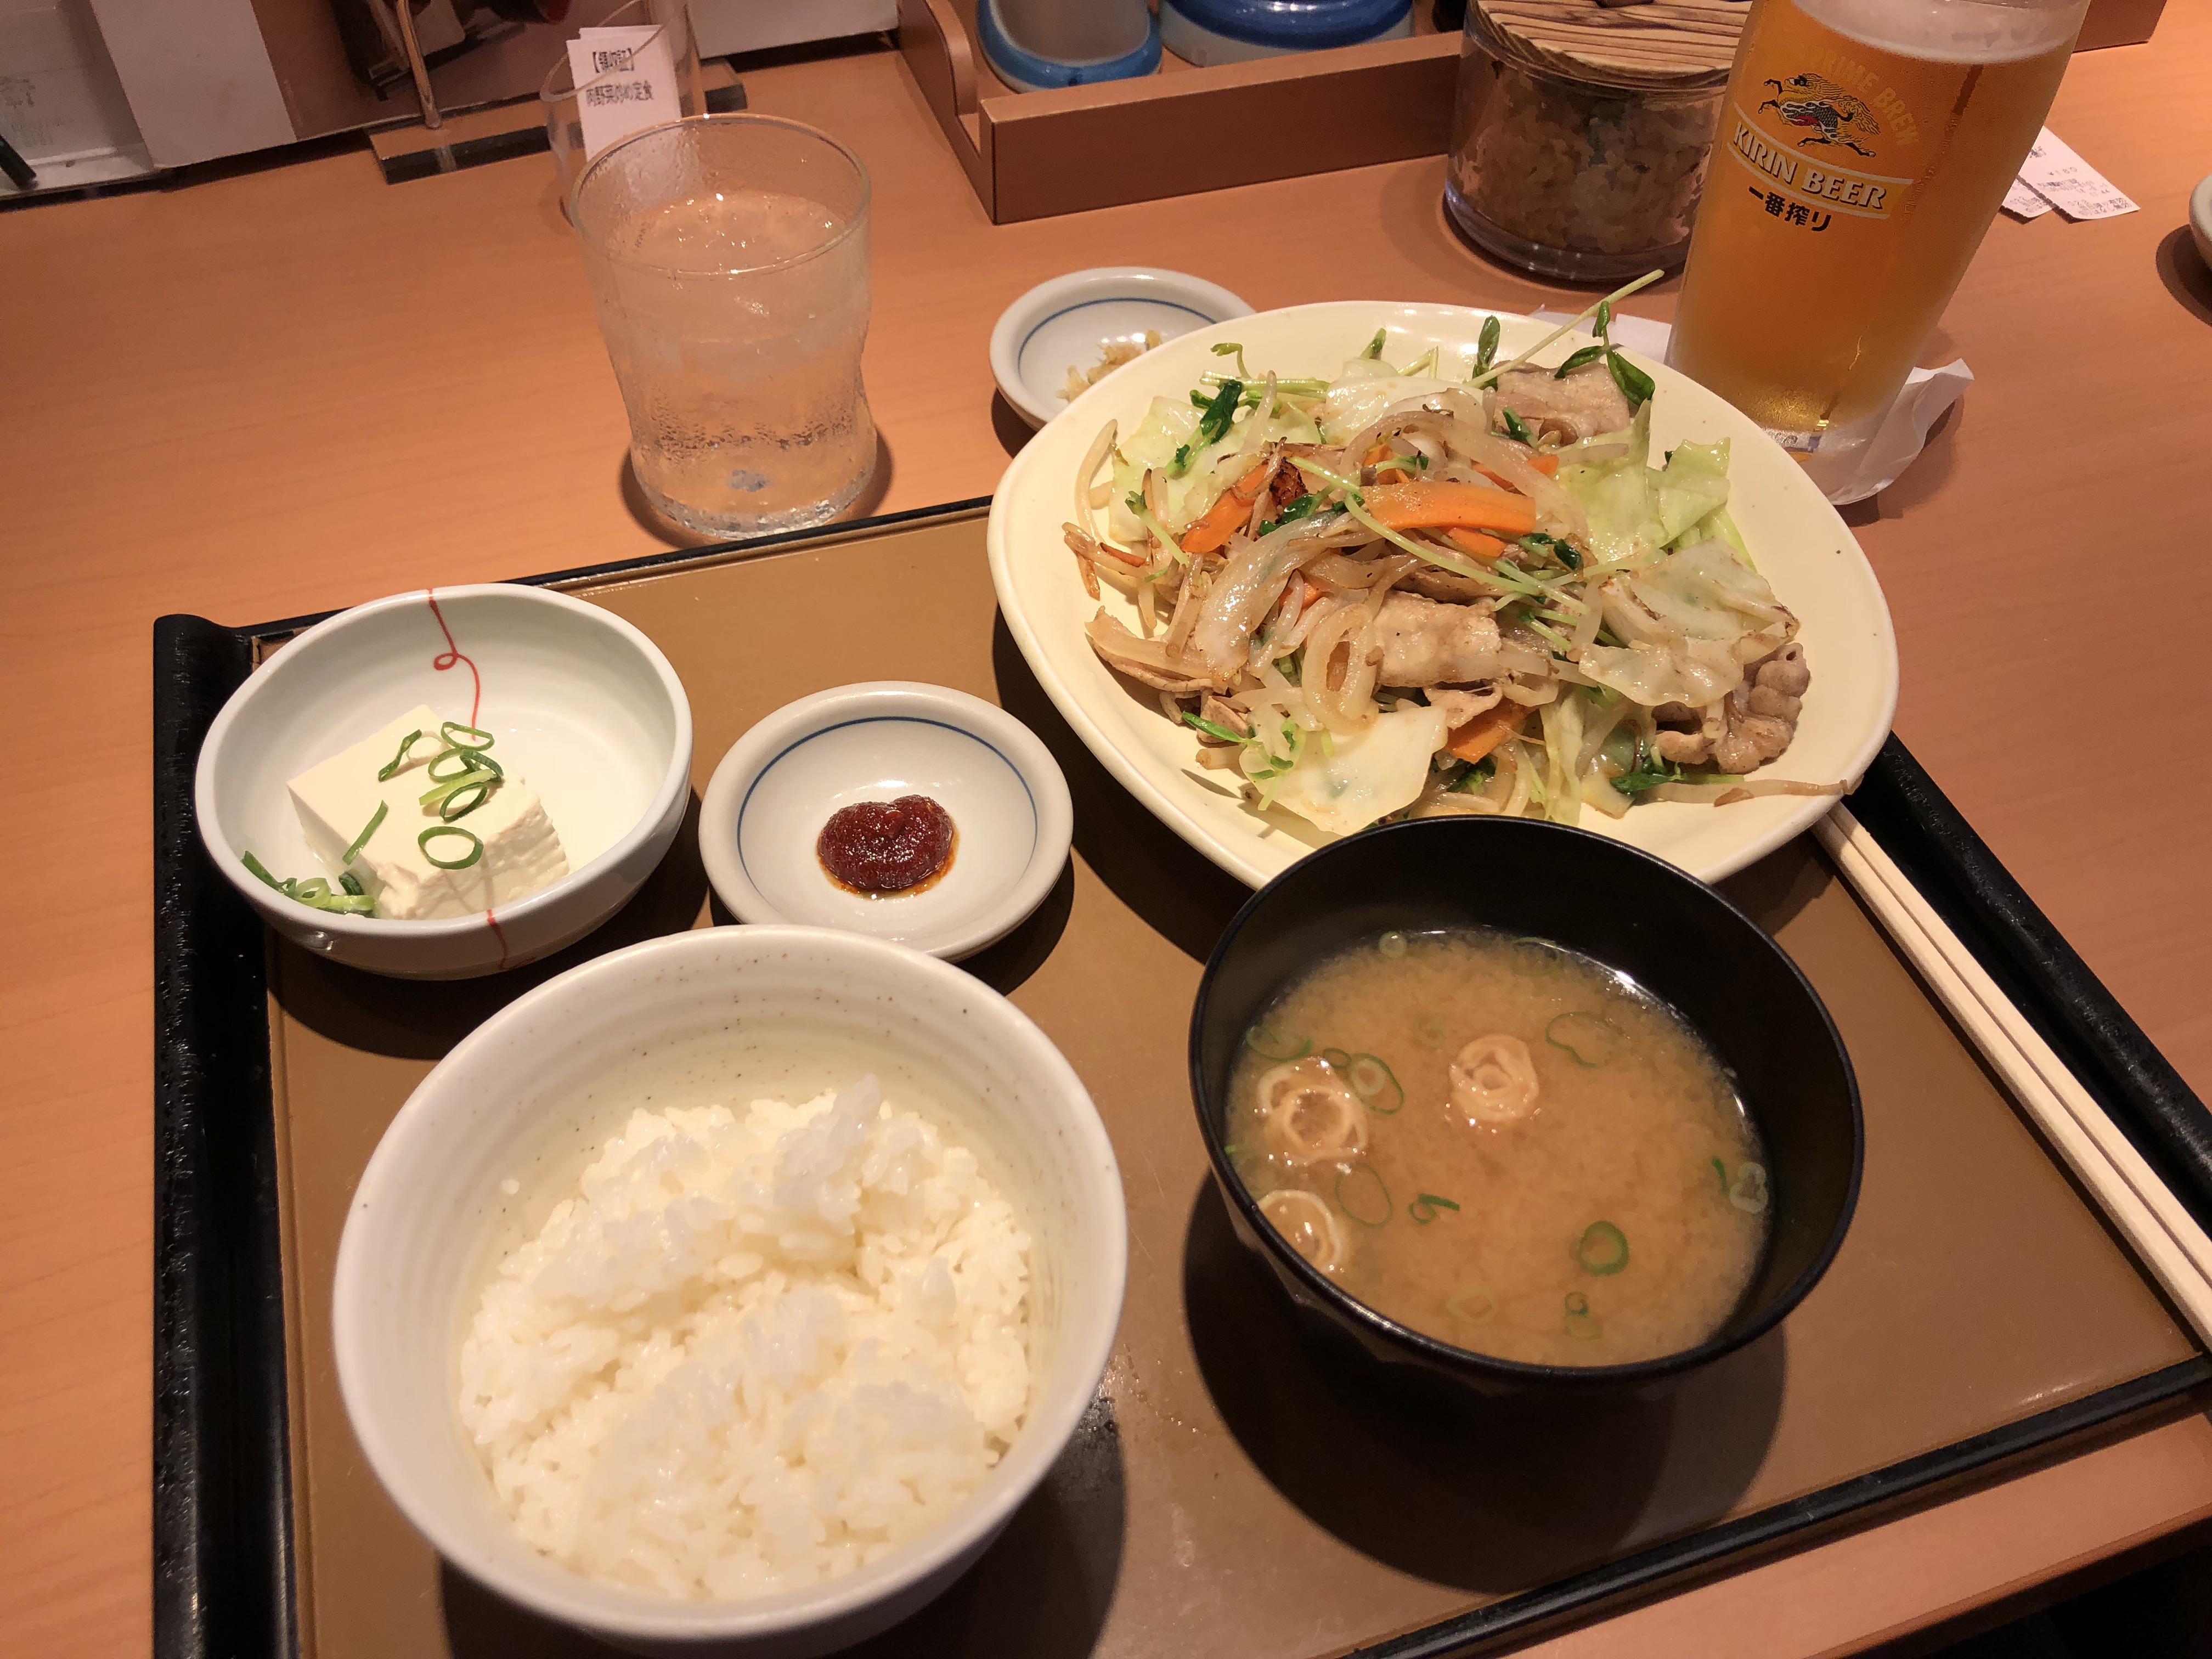 덴덴타운에서 간단히 식사하기, [오사카]やよい軒